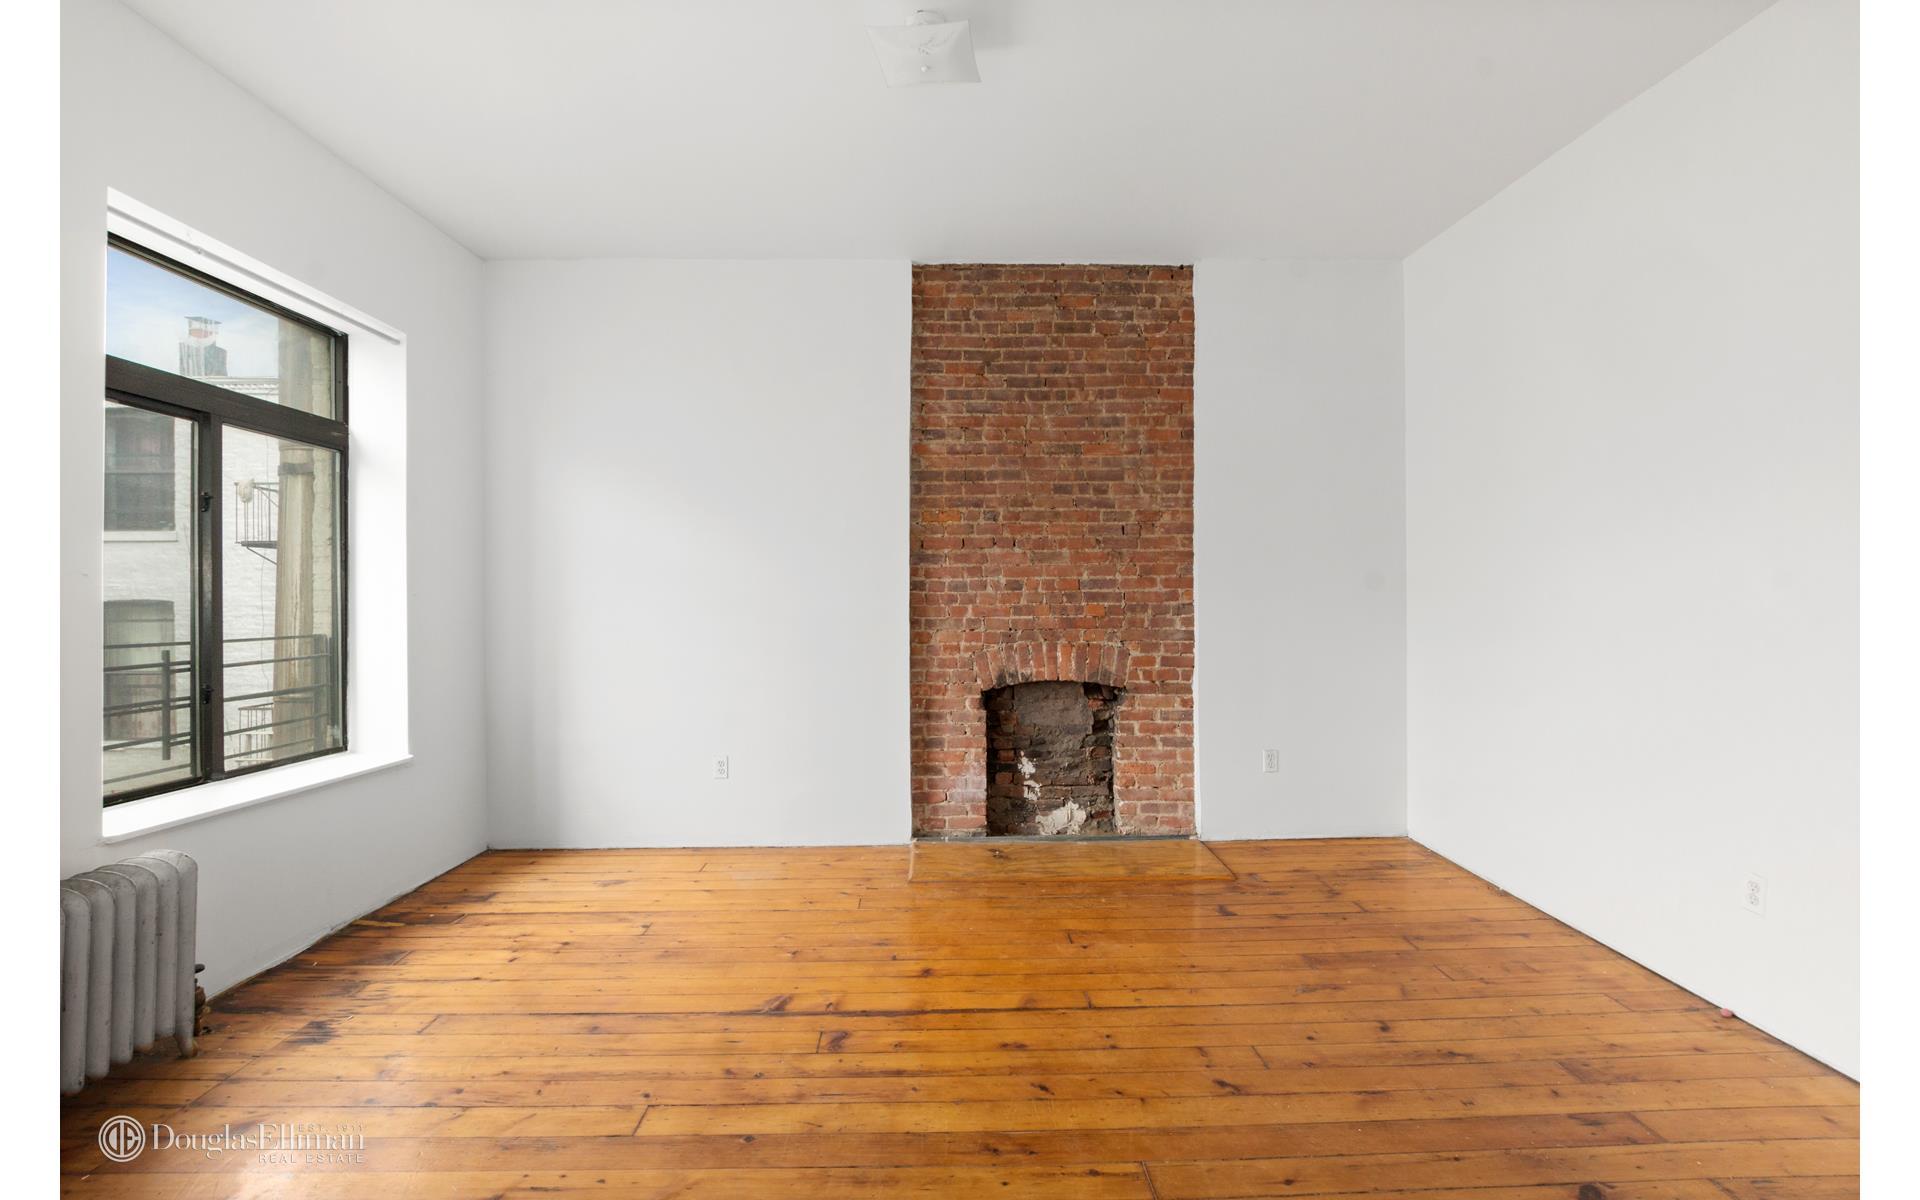 Mott Haven 3 Bedroom Rental At 340 E 134 St, Bronx, NY 10454,